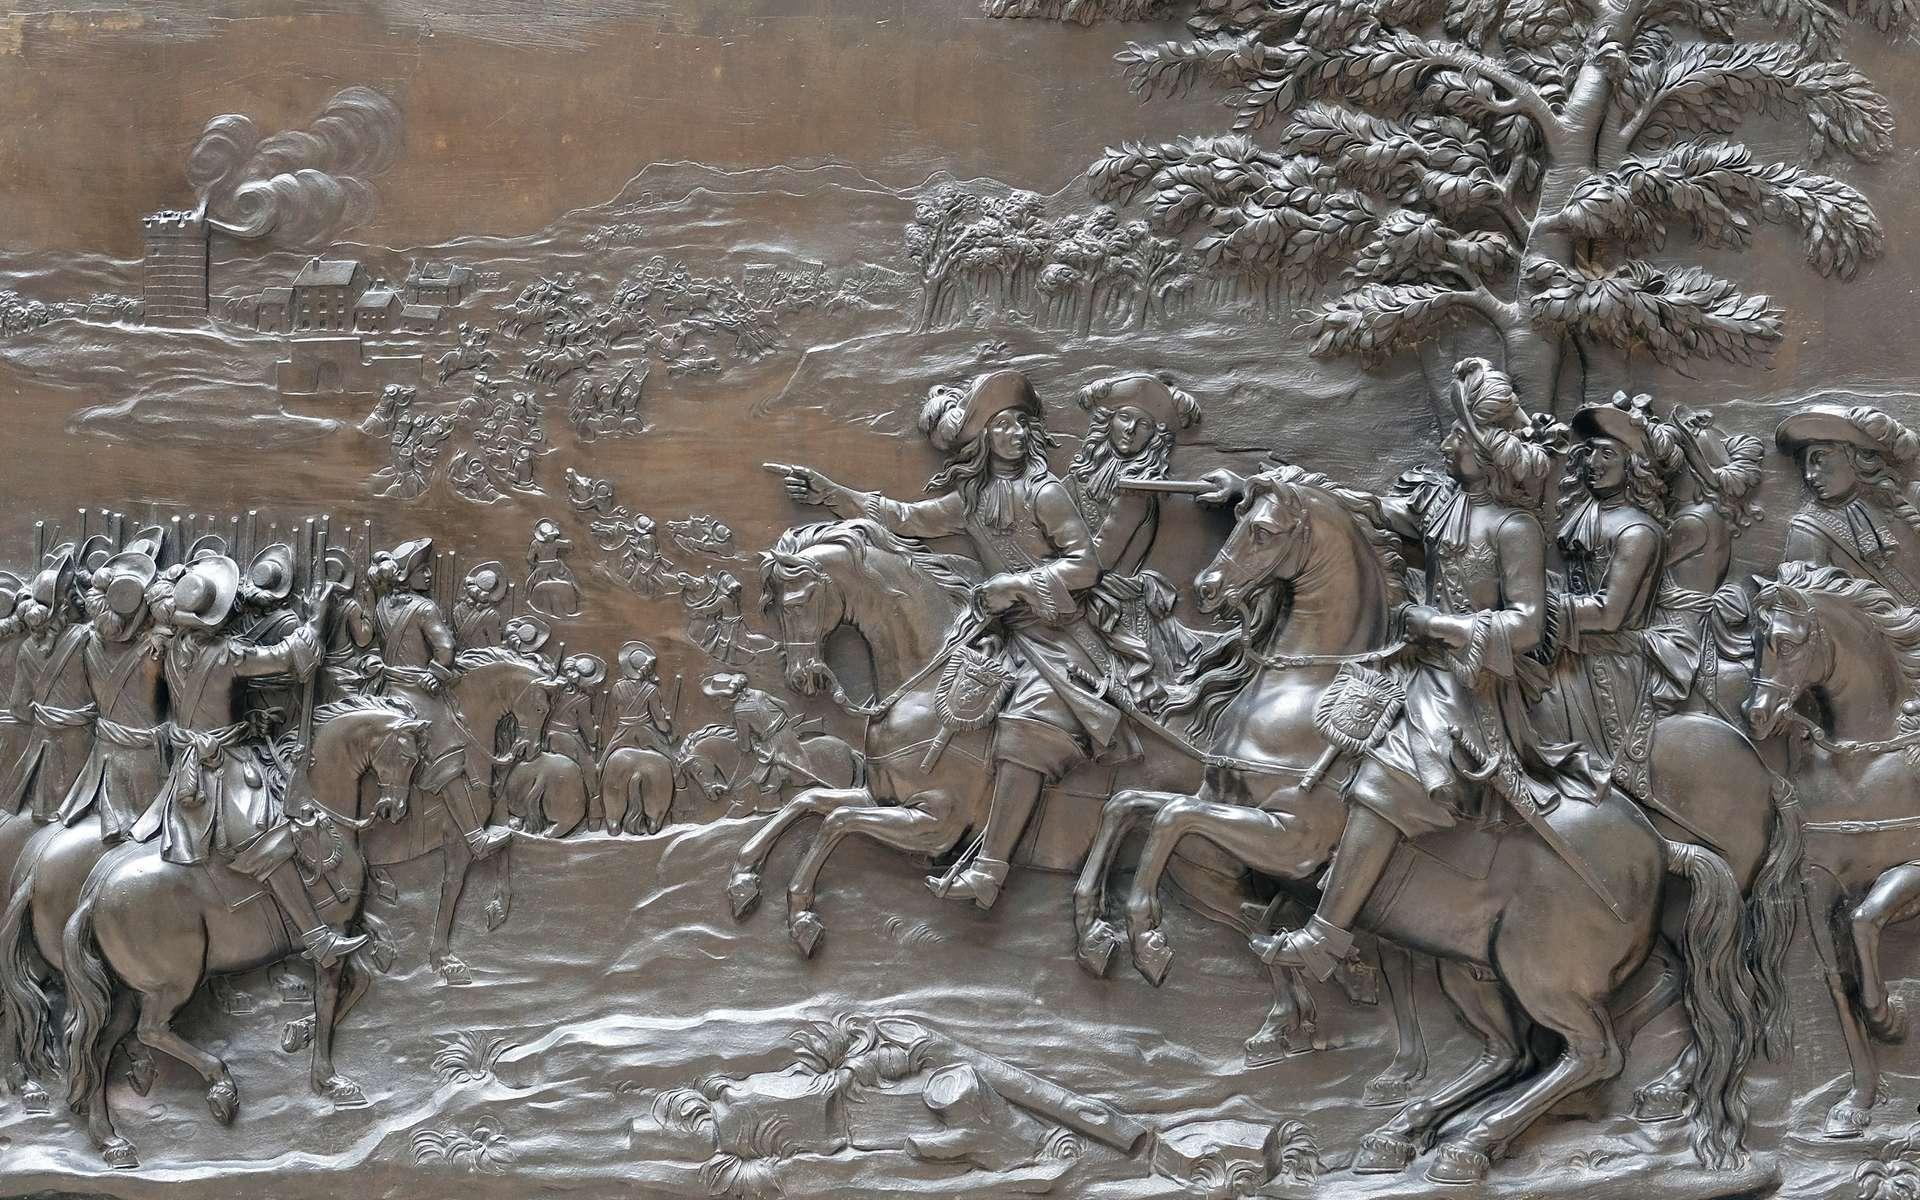 Bas-relief en bronze « Le passage du Rhin » par Martin van den Bogaert dit Desjardins ; traversée du fleuve par l'armée royale en juin 1672, pour envahir la Hollande. Louis XIV et Condé sont dans le groupe de cavaliers à droite. Musée du Louvre, cour Puget. © Musée du Louvre, P. Philibert